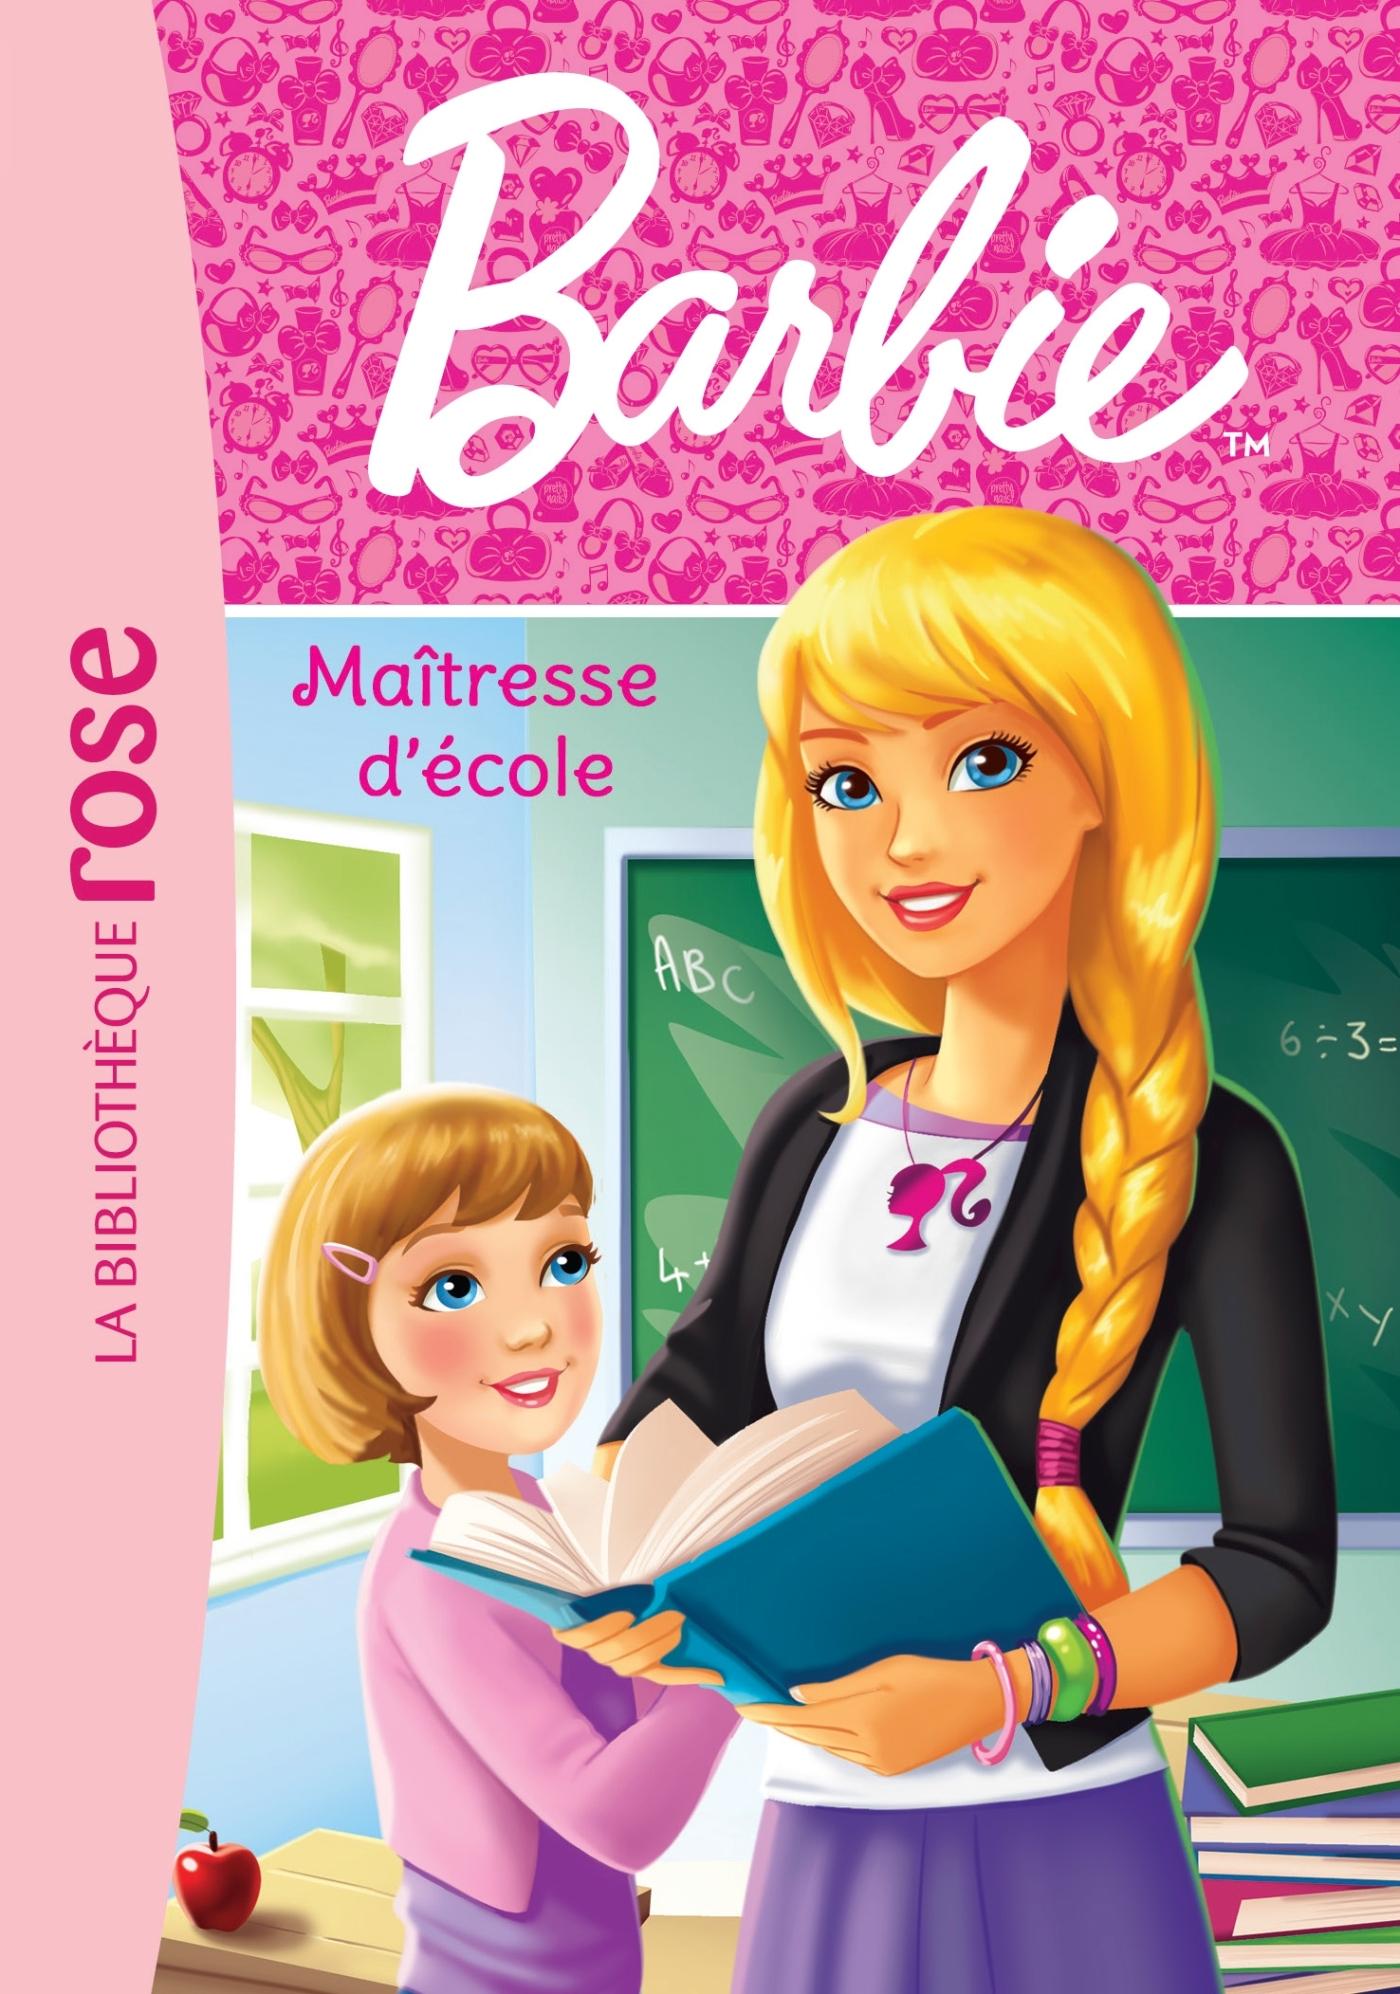 BARBIE 01 - MAITRESSE D'ECOLE